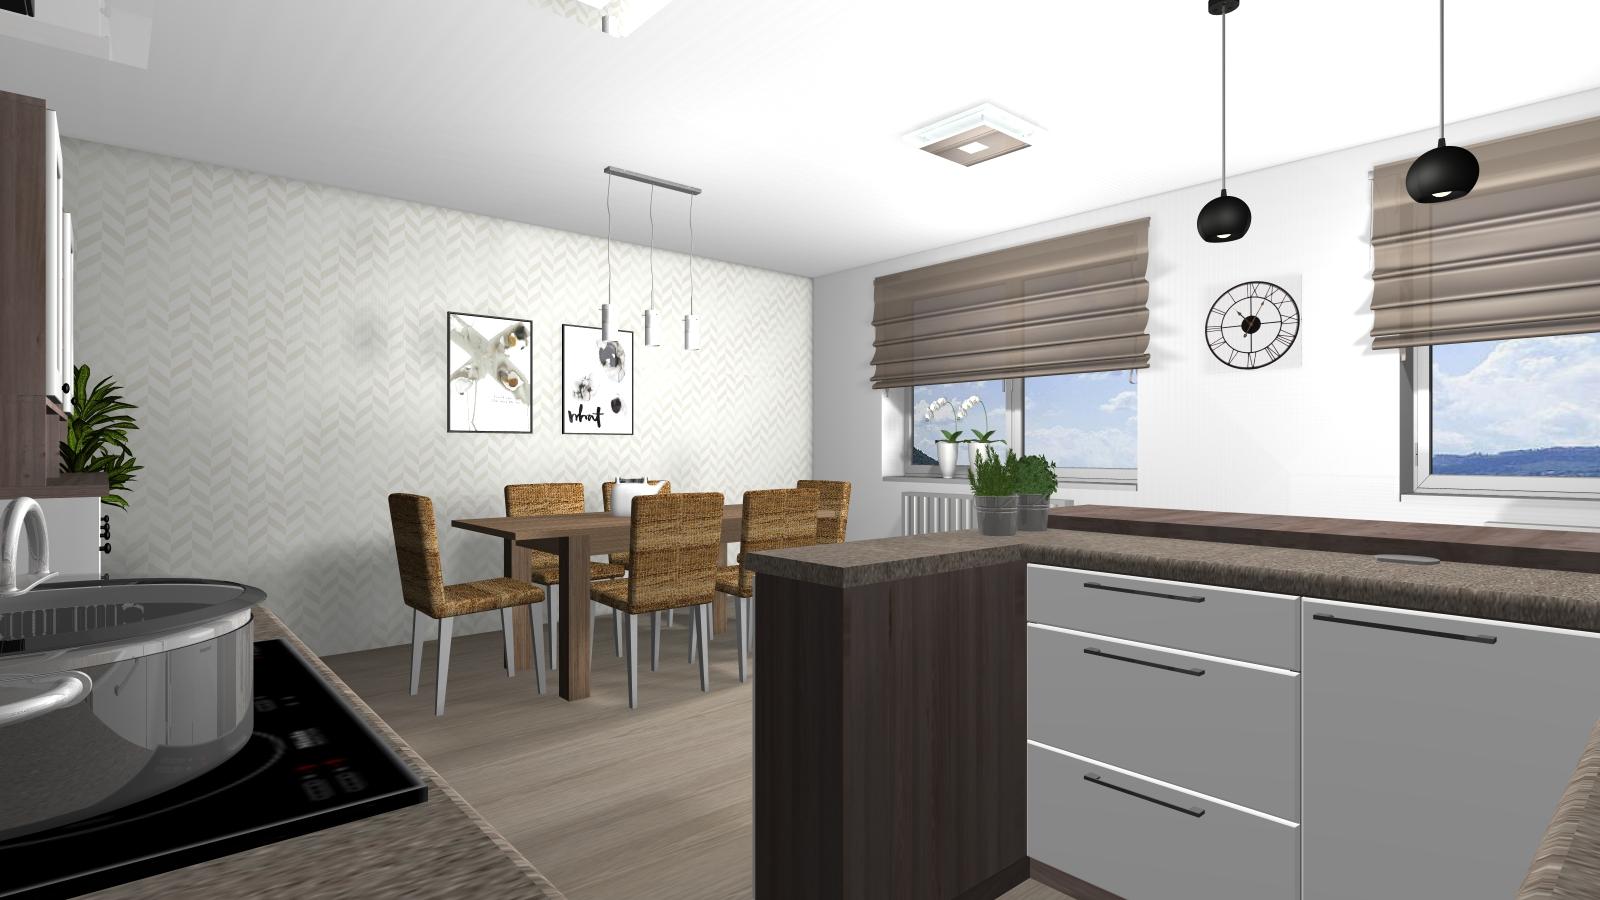 903d052d88a3 Kuchyňa a jedáleň v Banskej Bystrici - elive